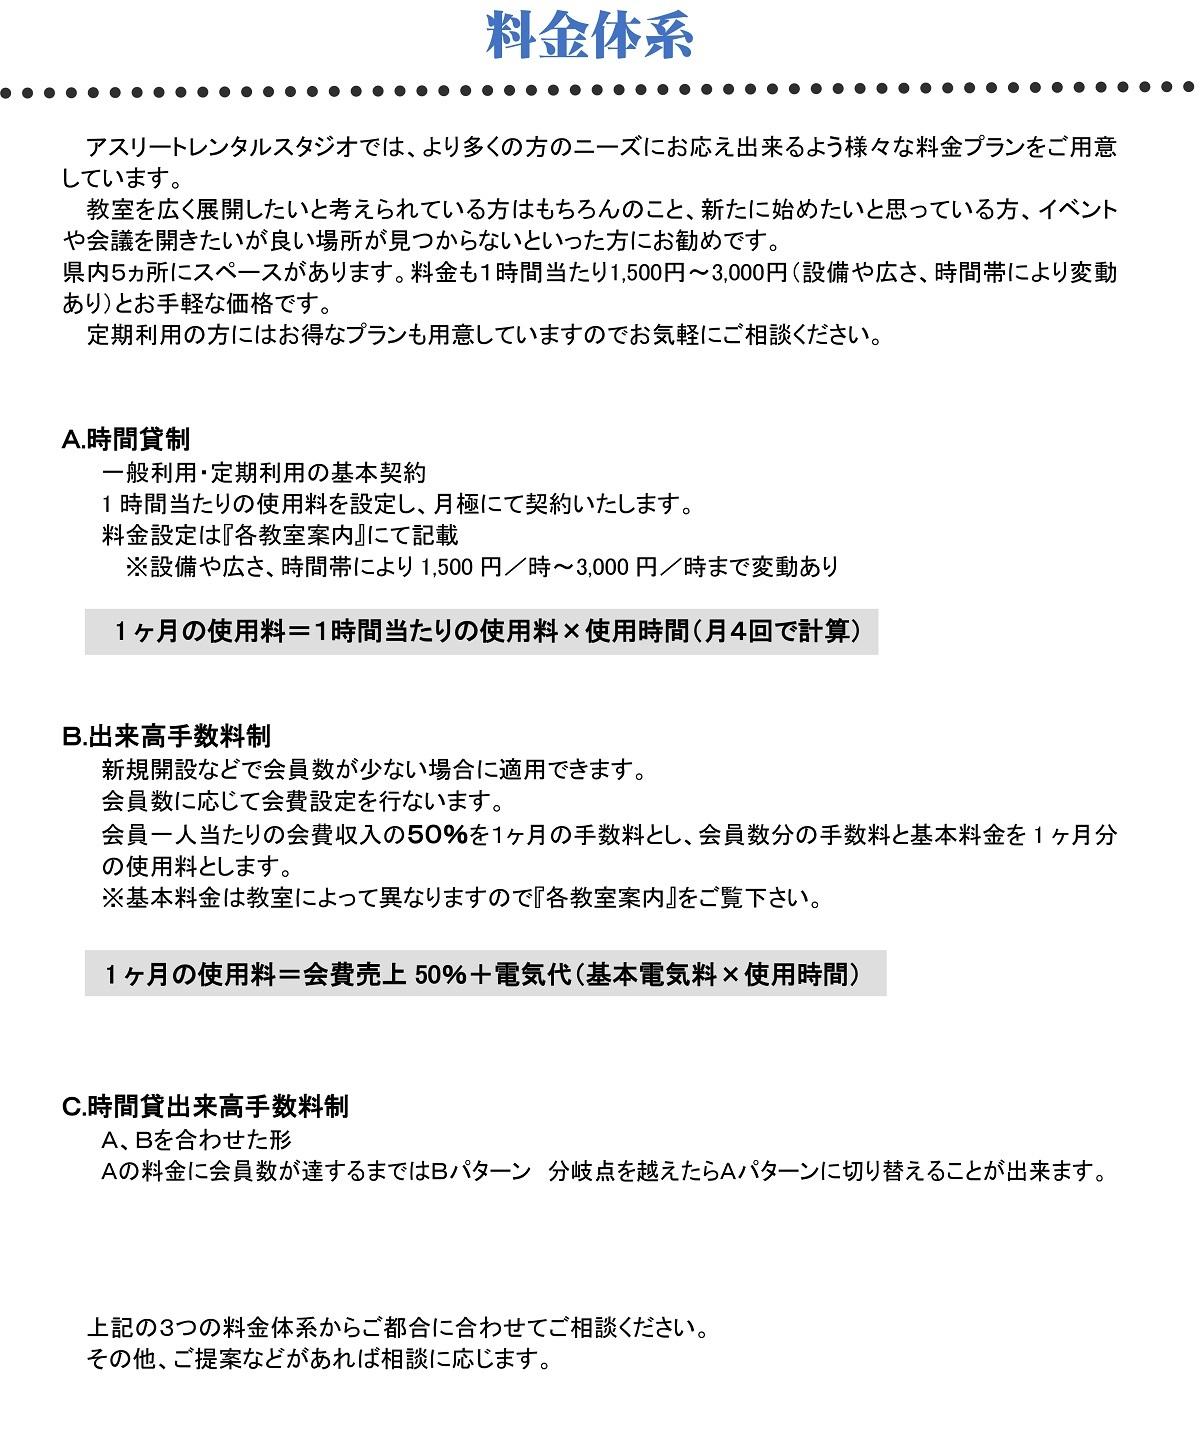 レンタルスタジオ利用冊子(料金体系)